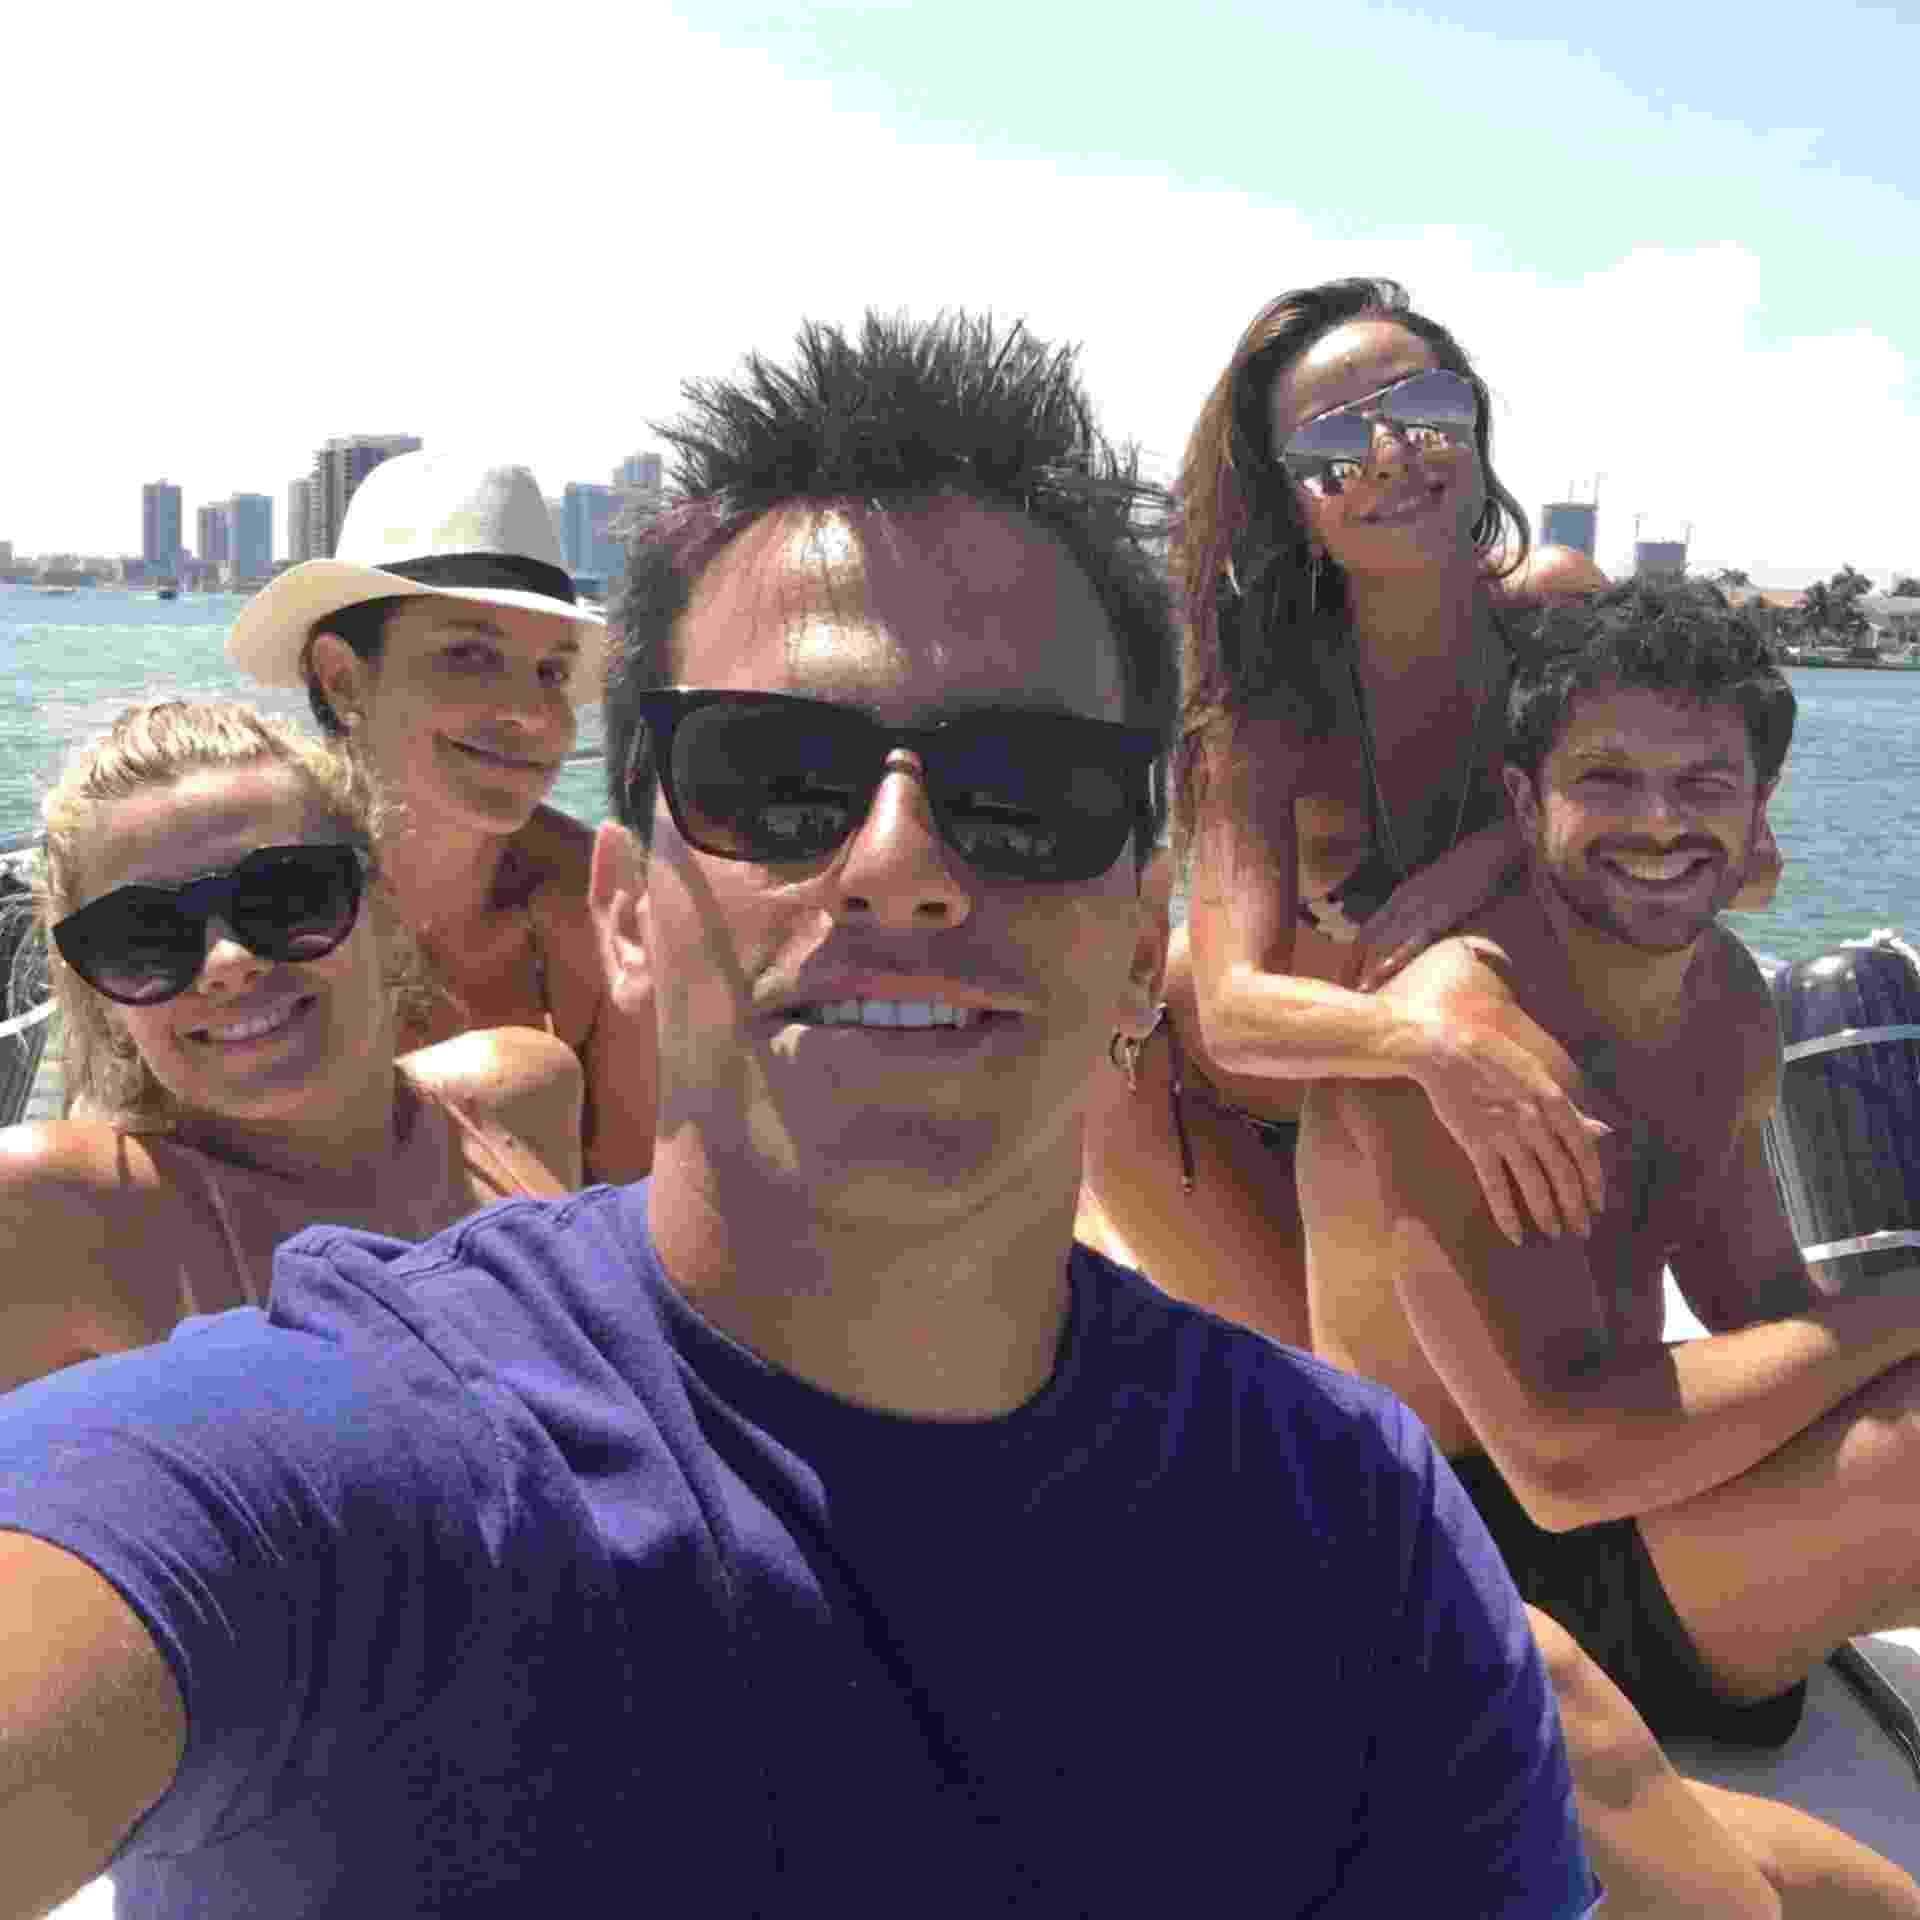 Rodrigo Branco leva seus amigos famosos para curtirem férias em Orlando (EUA), com todas as despesas pagas por empresas que querem ser divulgadas na internet. O empresário, que foi diretor de TV no Brasil, já reuniu no mesmo barco Carolina Dieckmann, Ivete Sangalo, Sabrina Sato e Duda Nagle - Rodrigo Branco/Arquivo pessoal